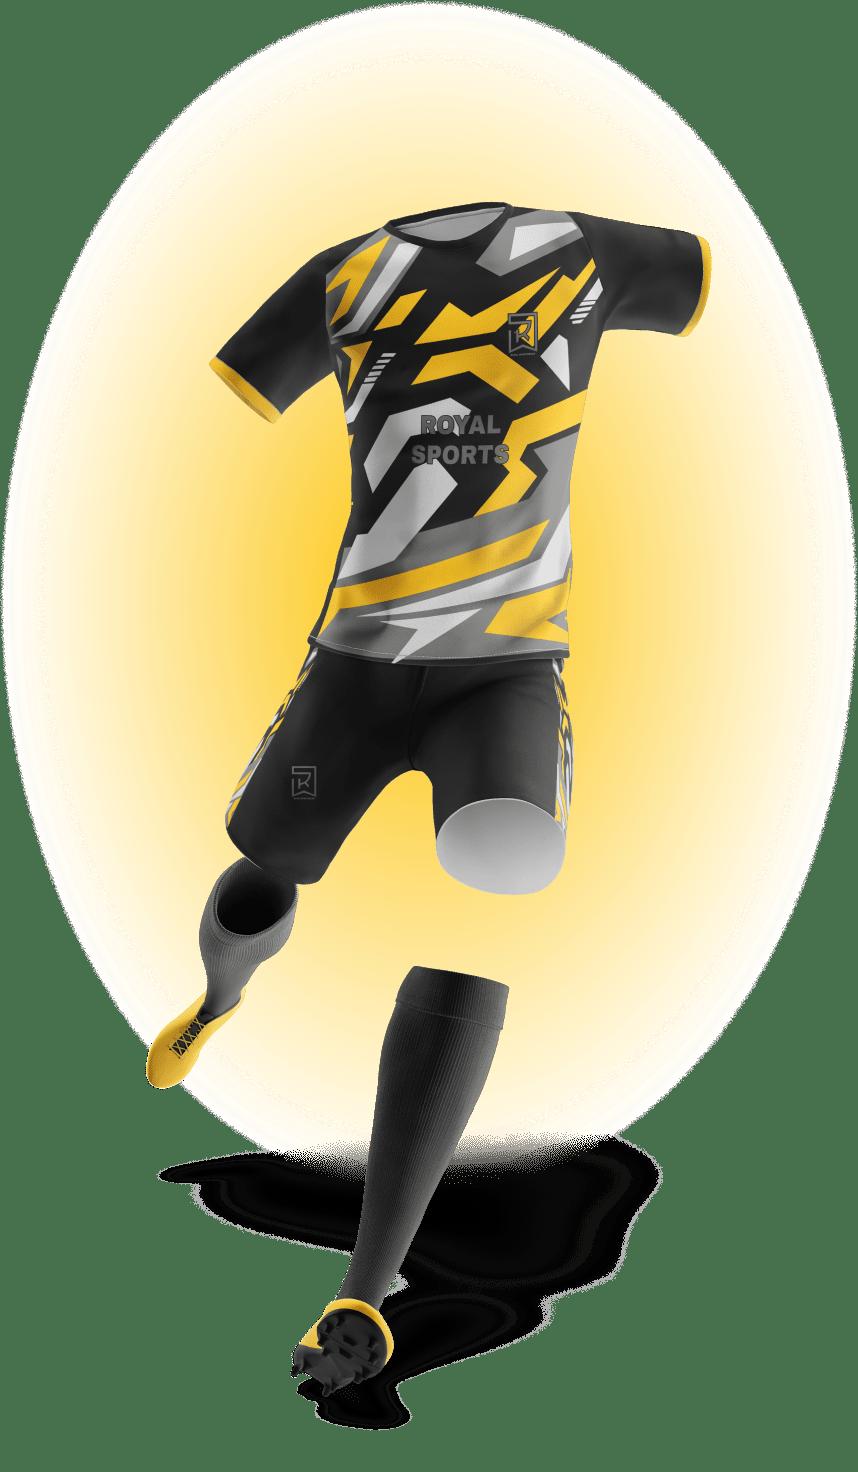 Image of full sportswear mockup